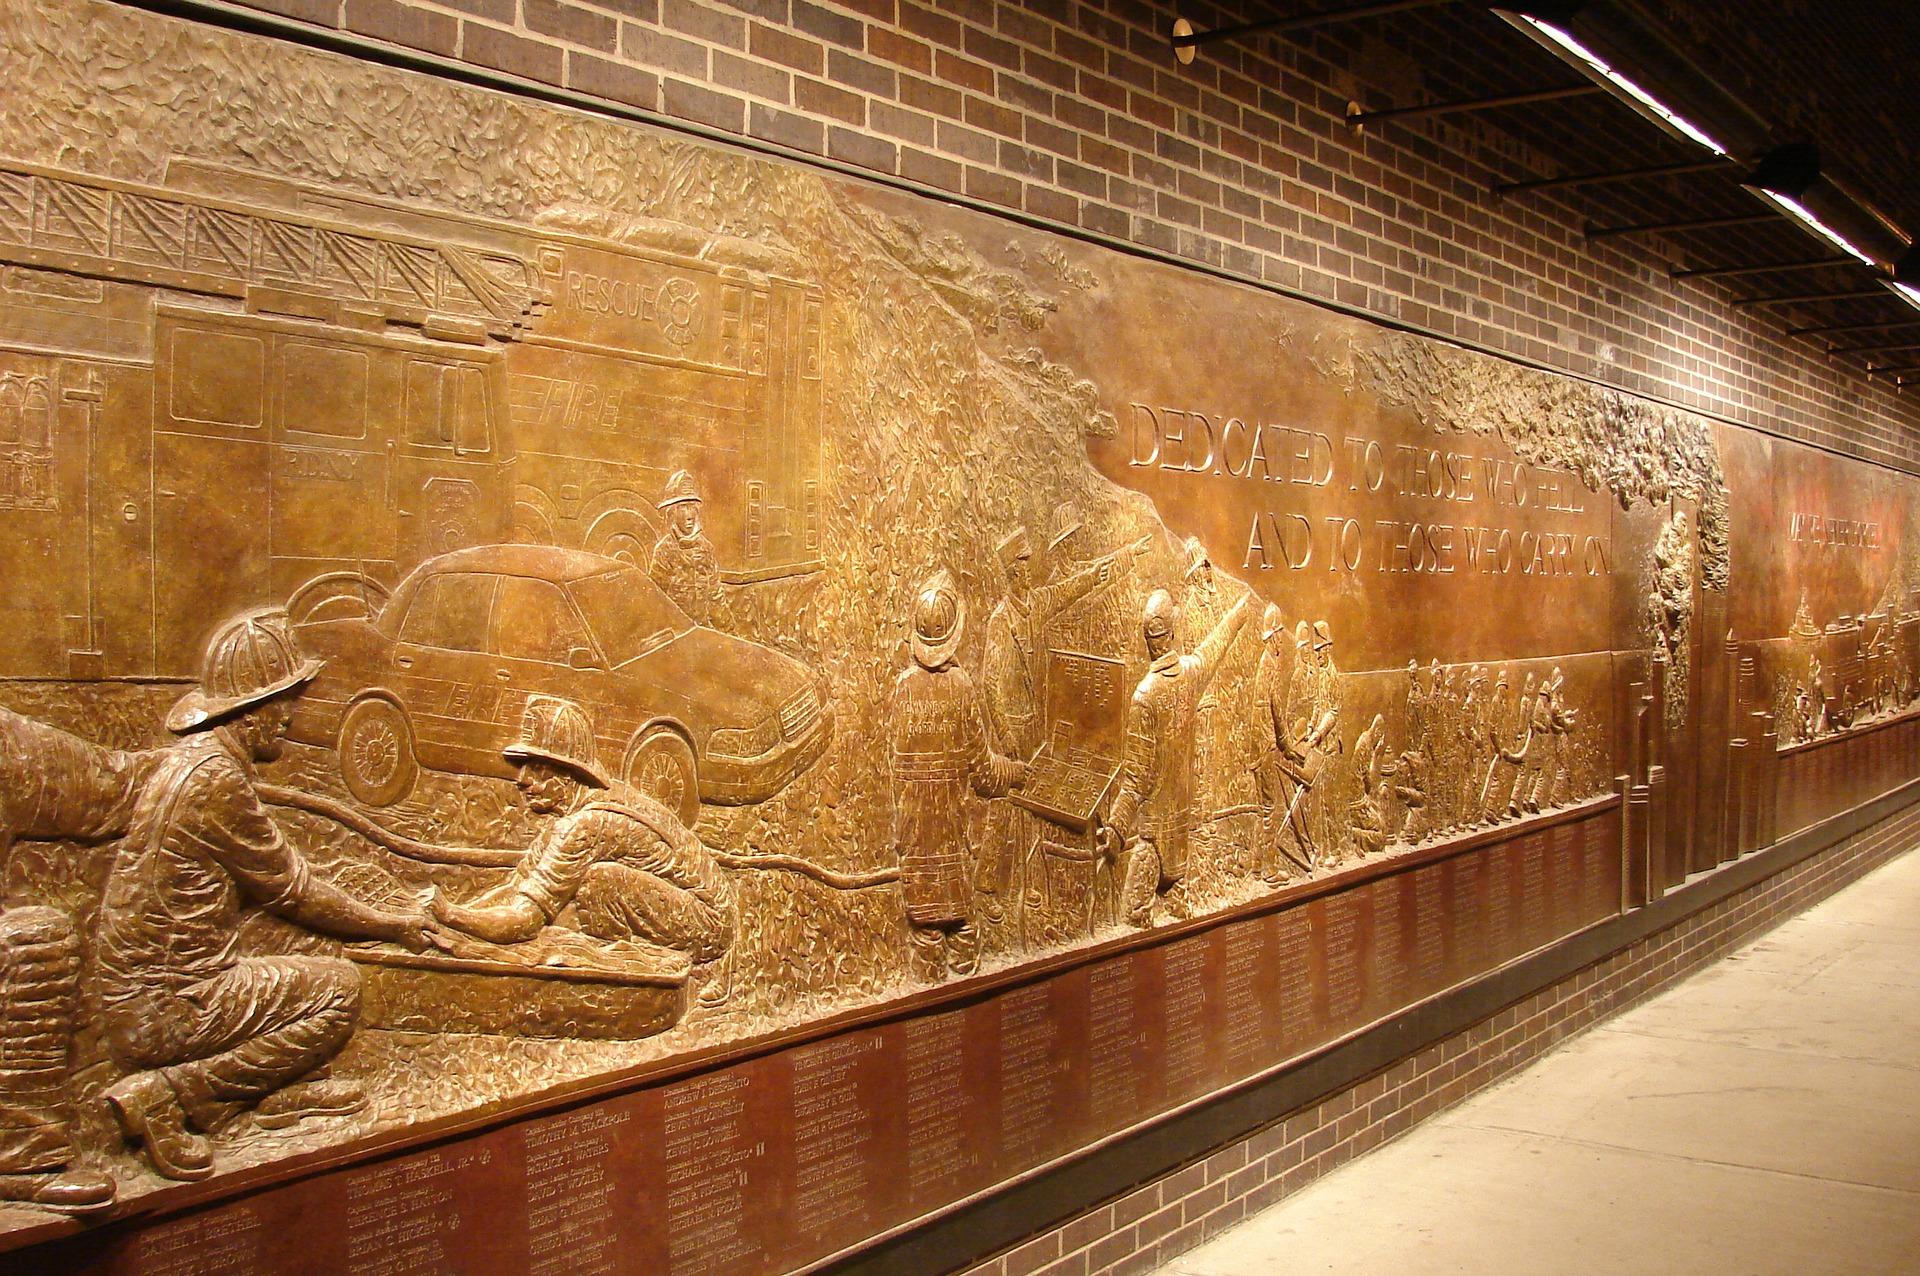 firemans wall